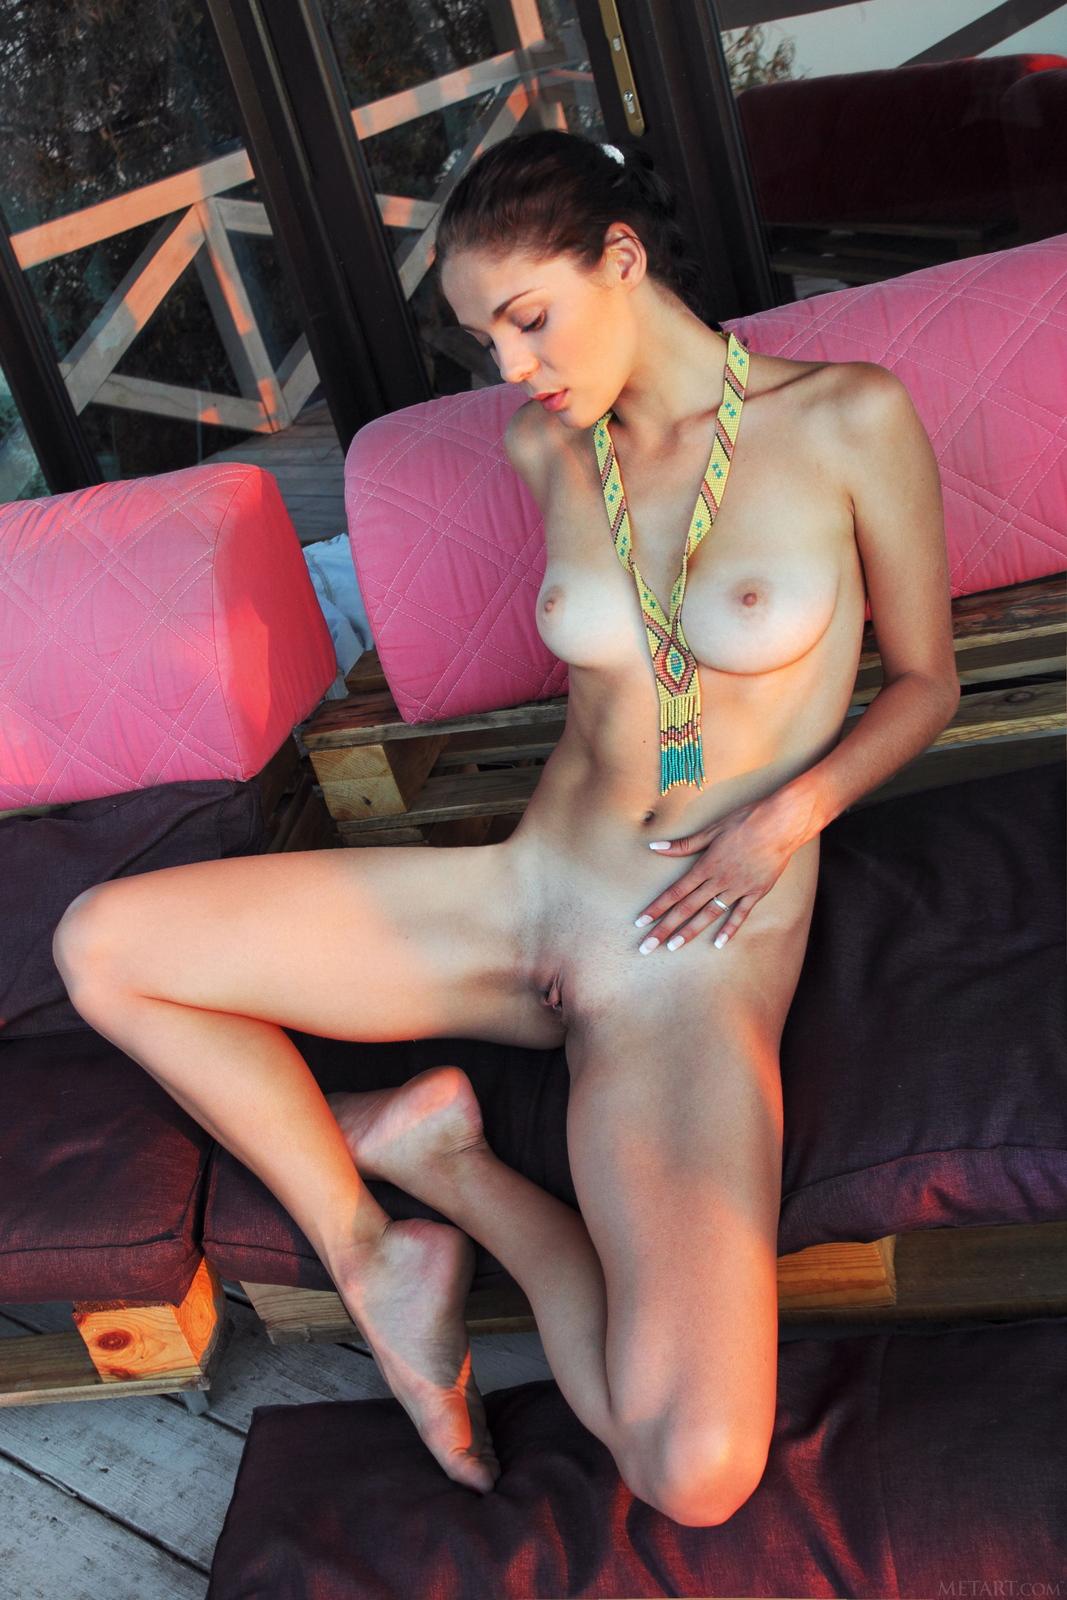 cаllistа-b-nude-denim-dungarees-brunette-met-art-35